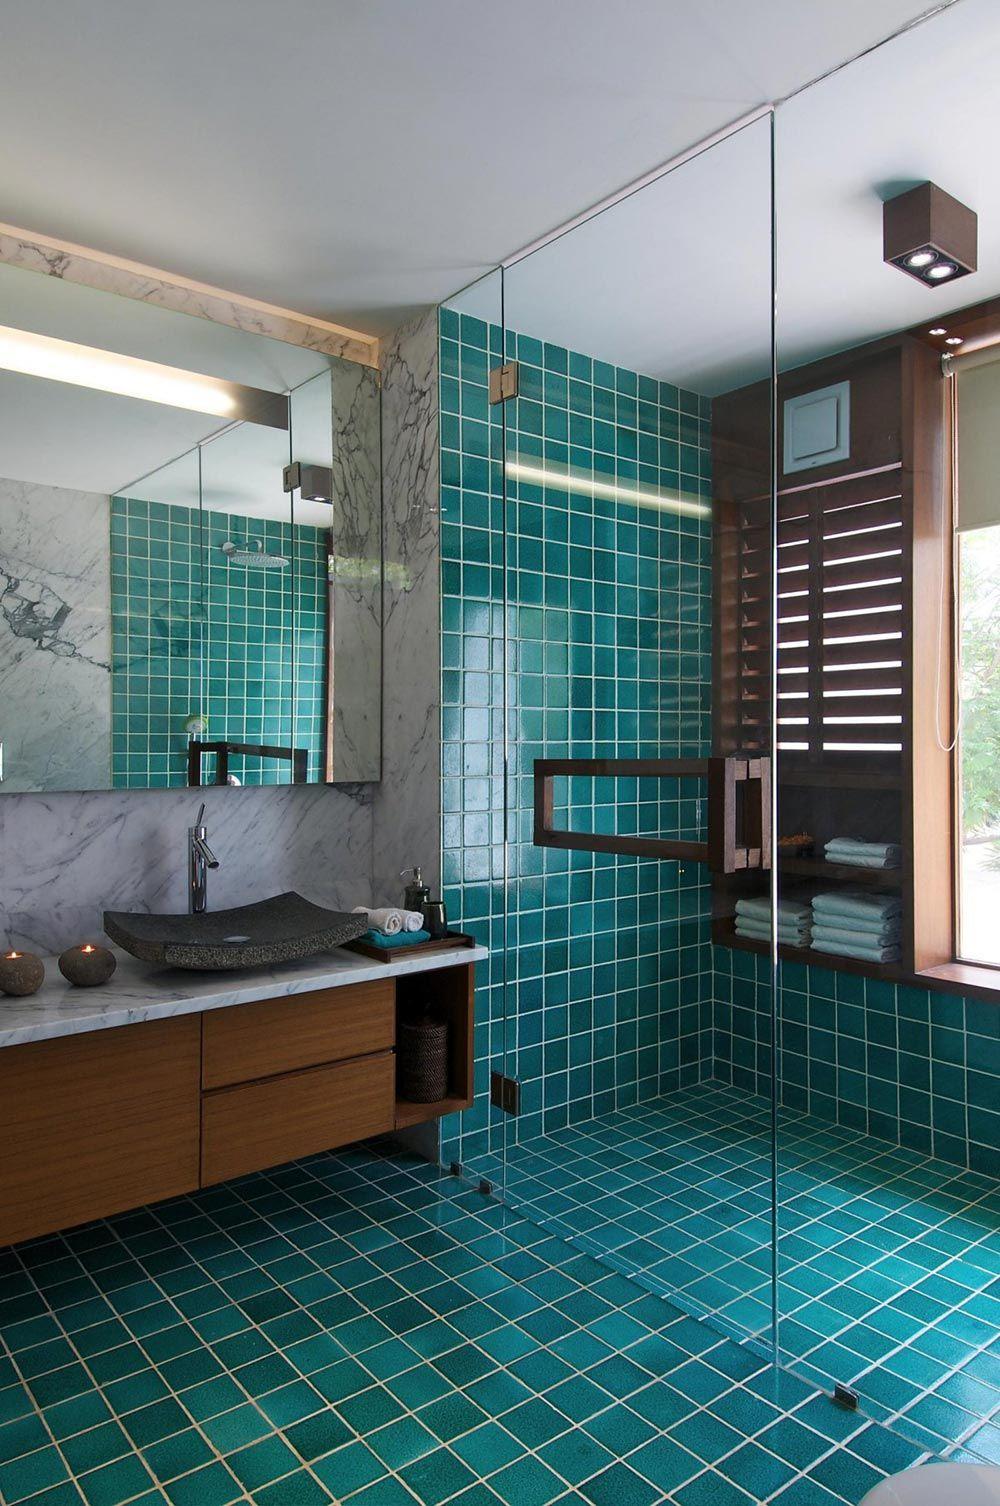 50 Best Wet Room Design Ideas 🚿 | Woods, Bath and Wet rooms